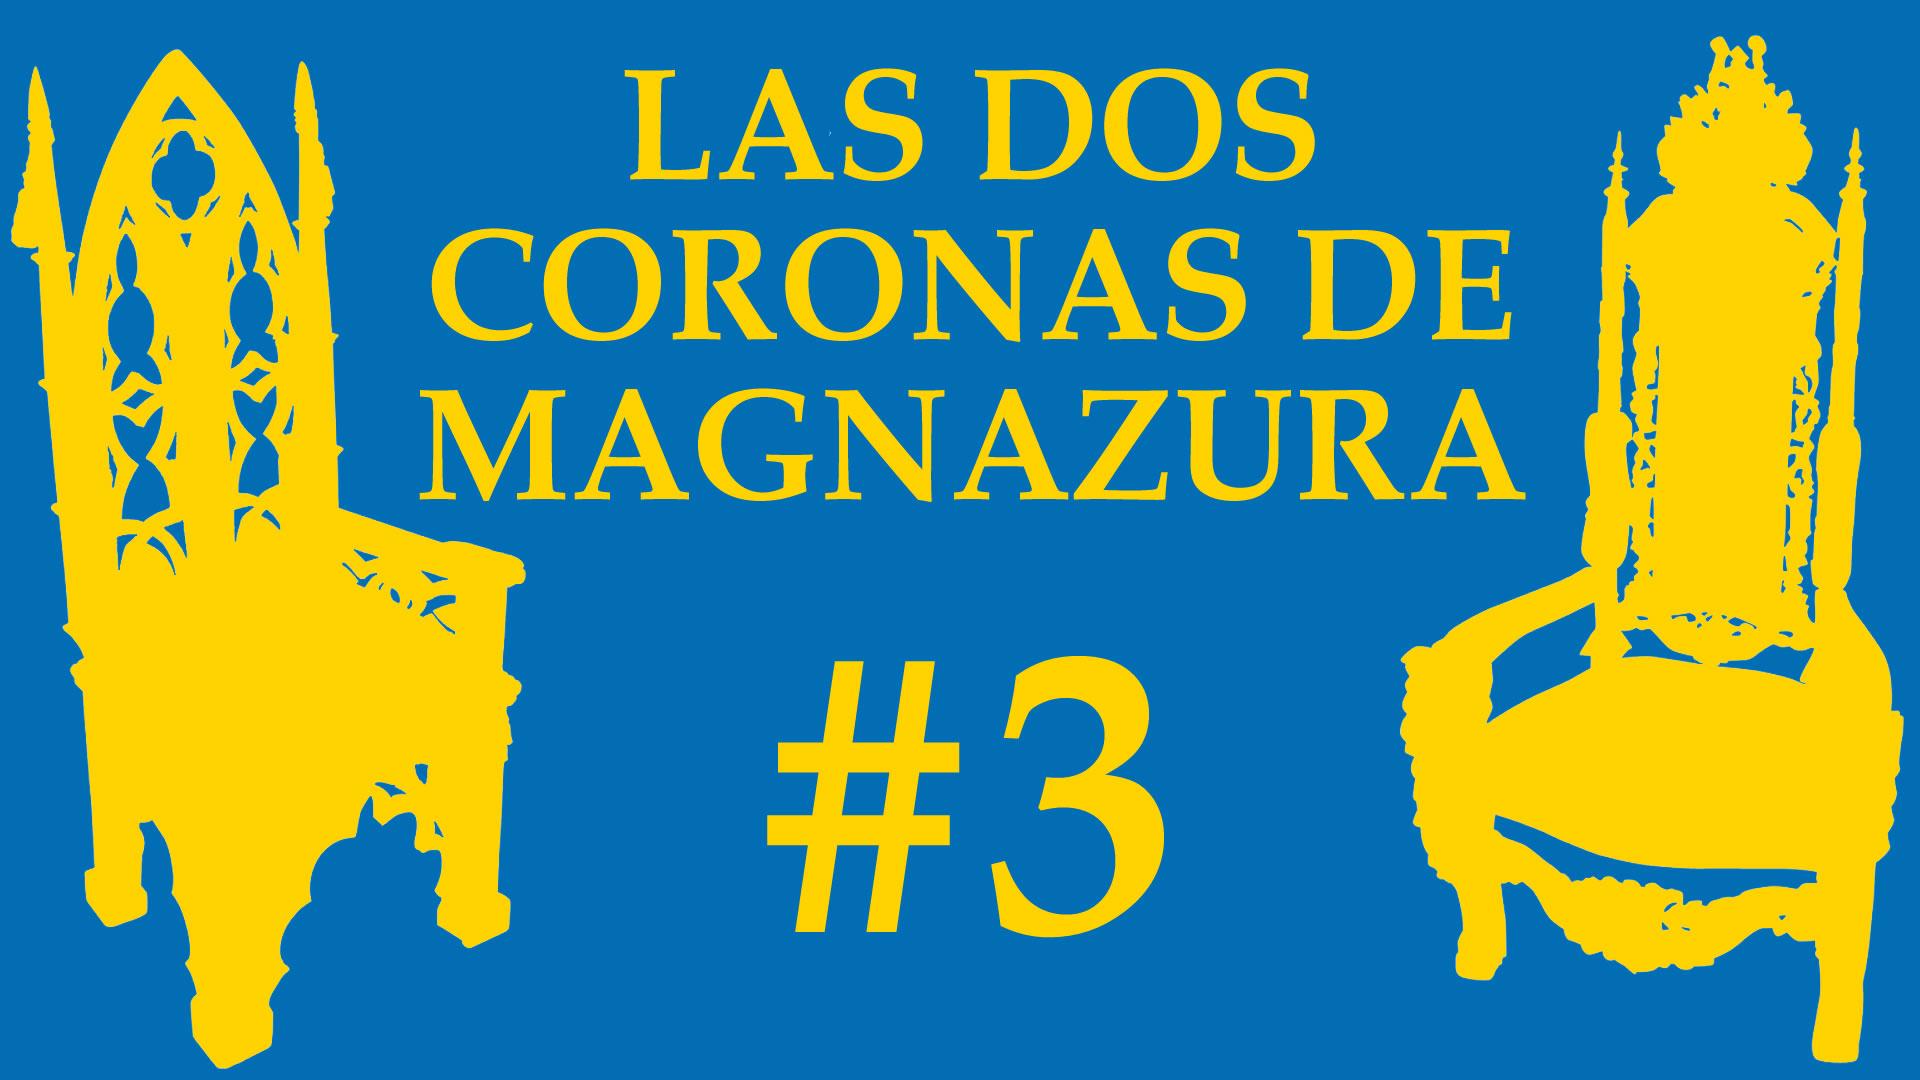 Las Dos Coronas de Magnazura #3 En busca del camino real